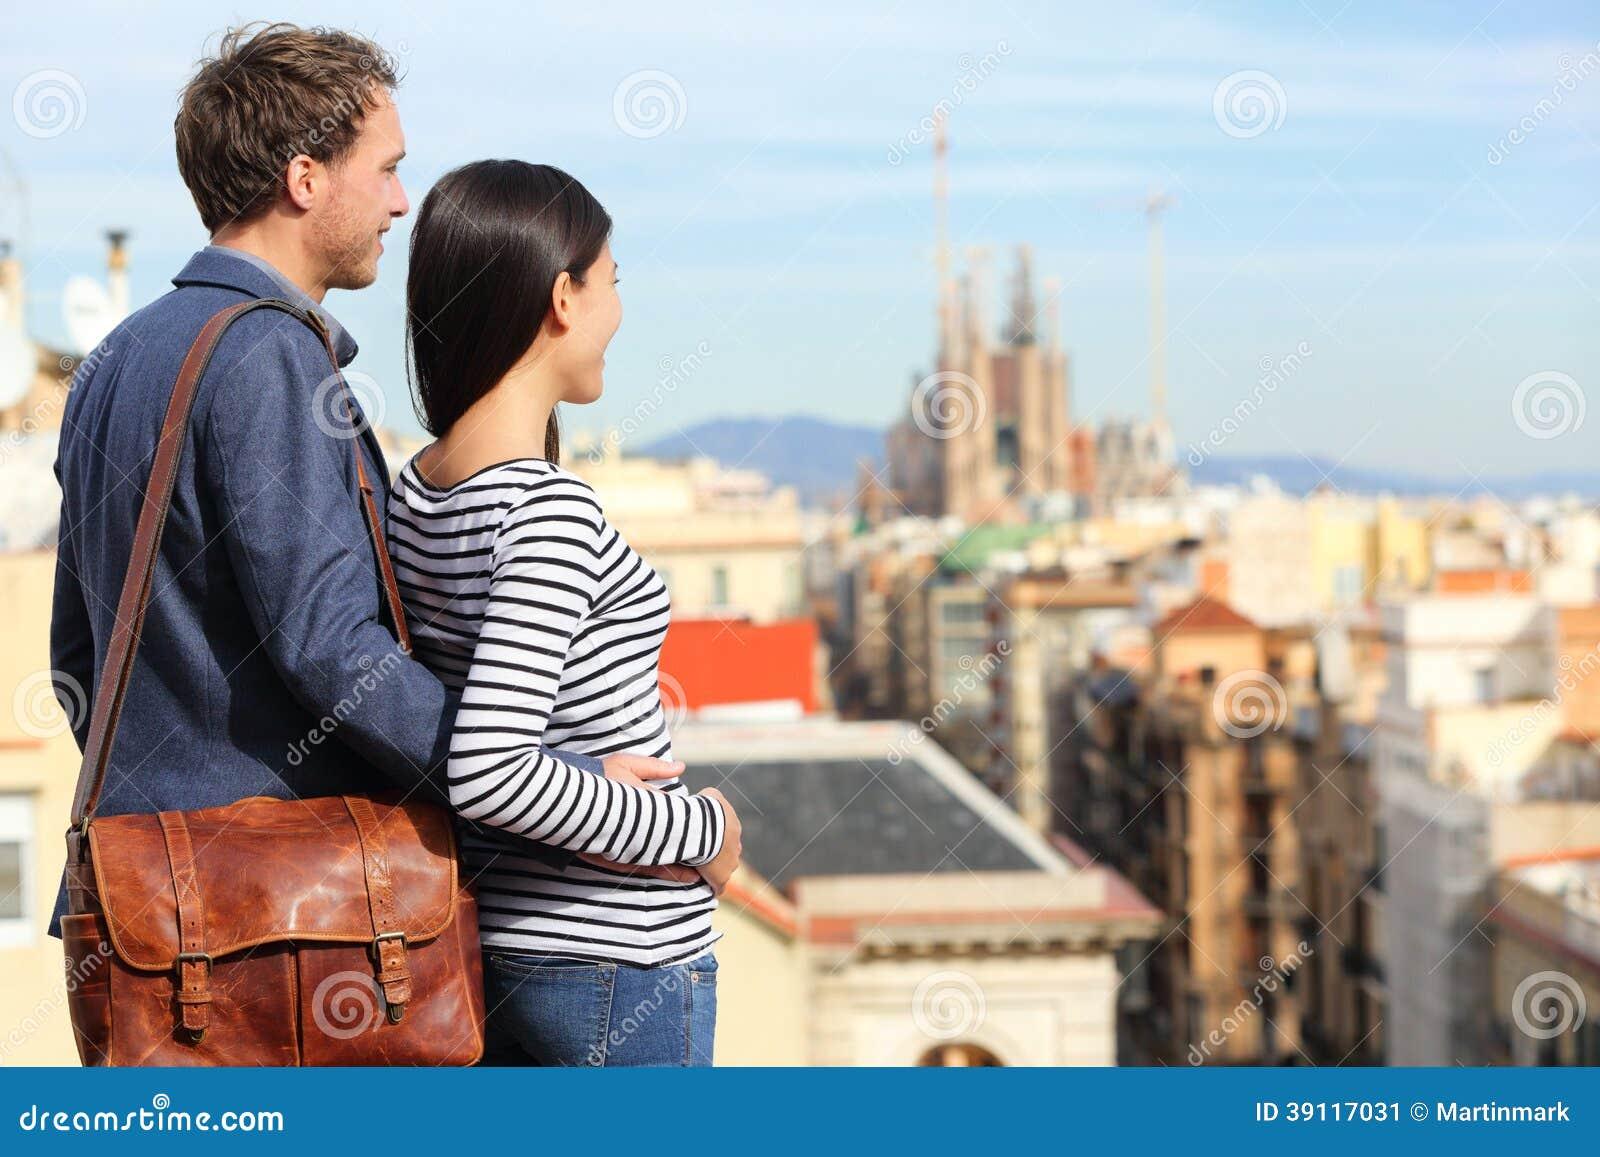 Barcelona - romantisch paar die stadsmening bekijken